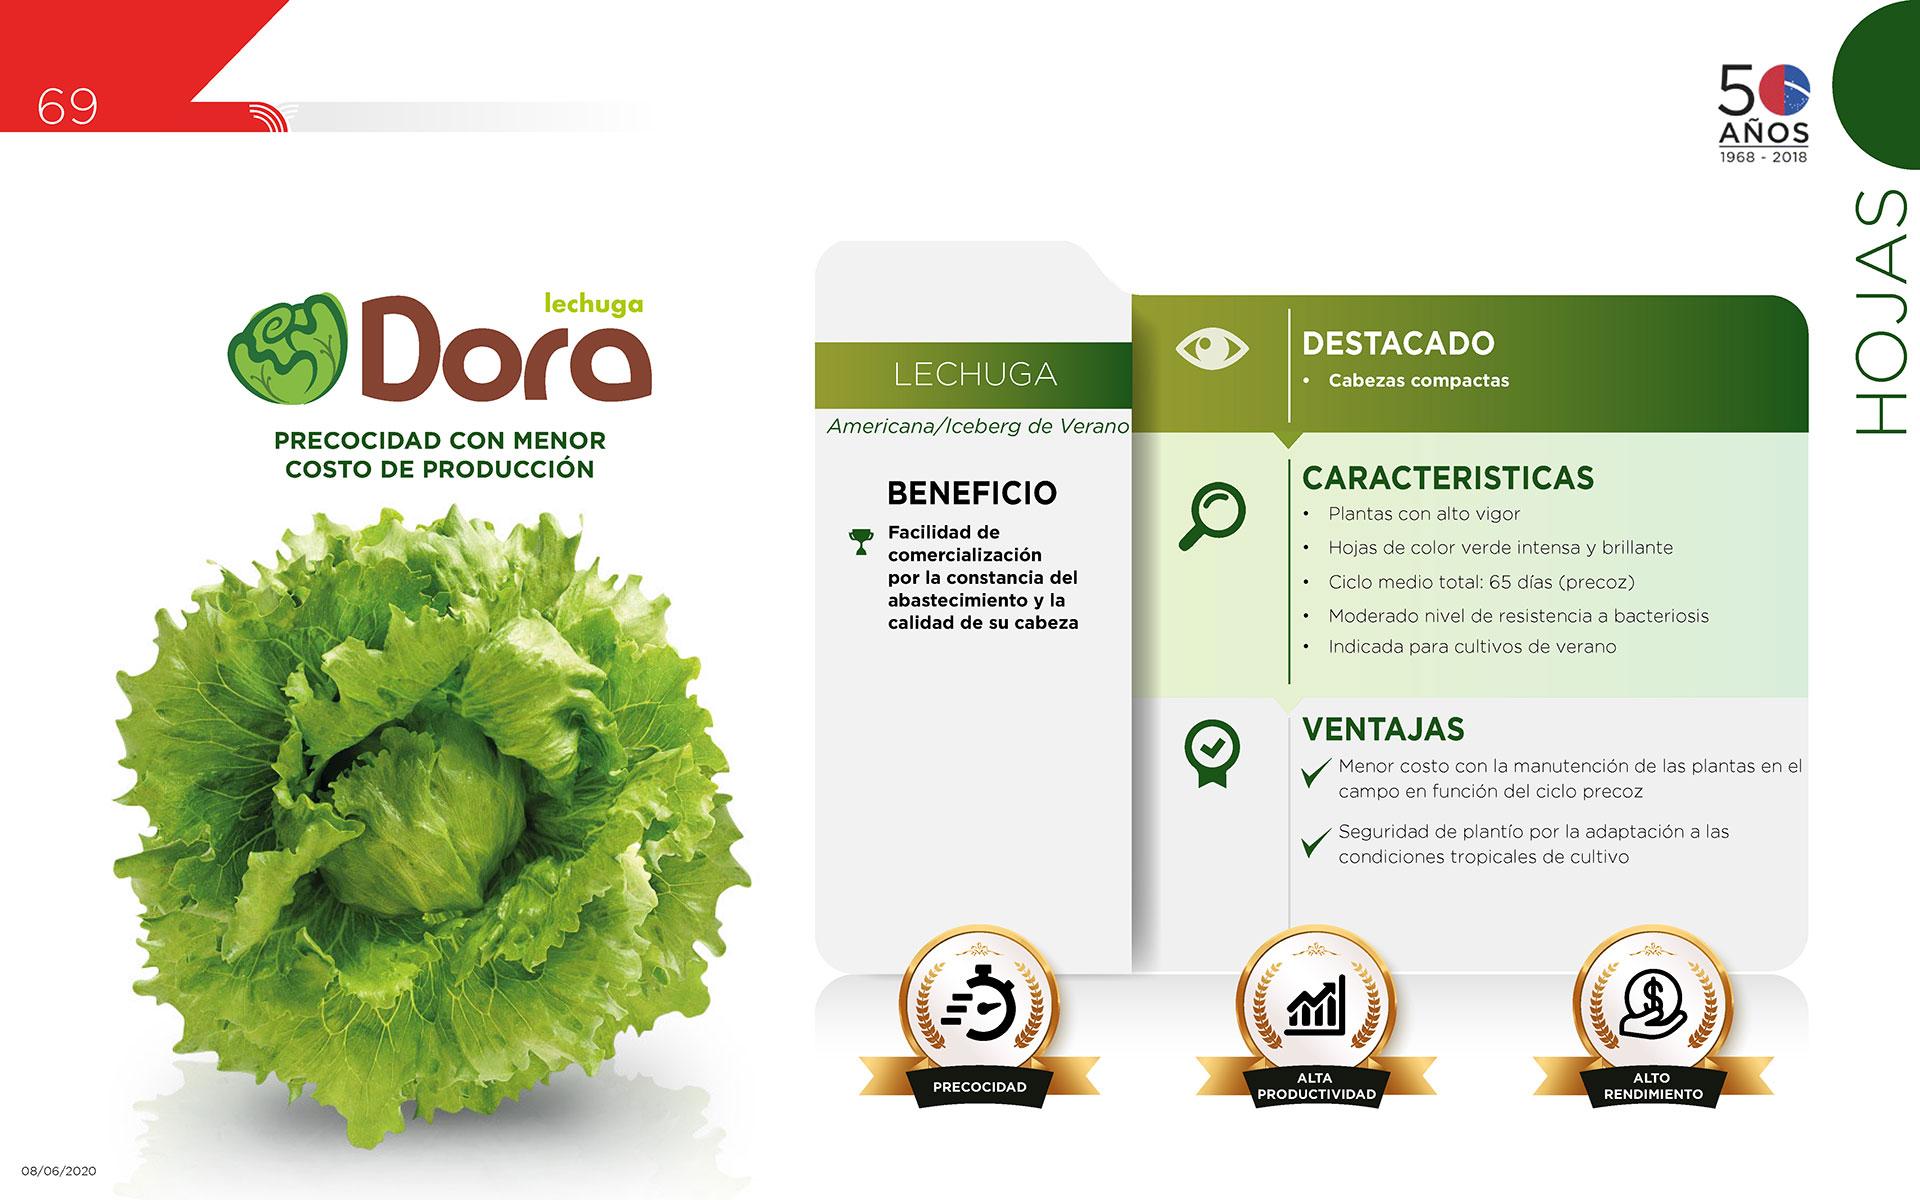 Dora - Hojas